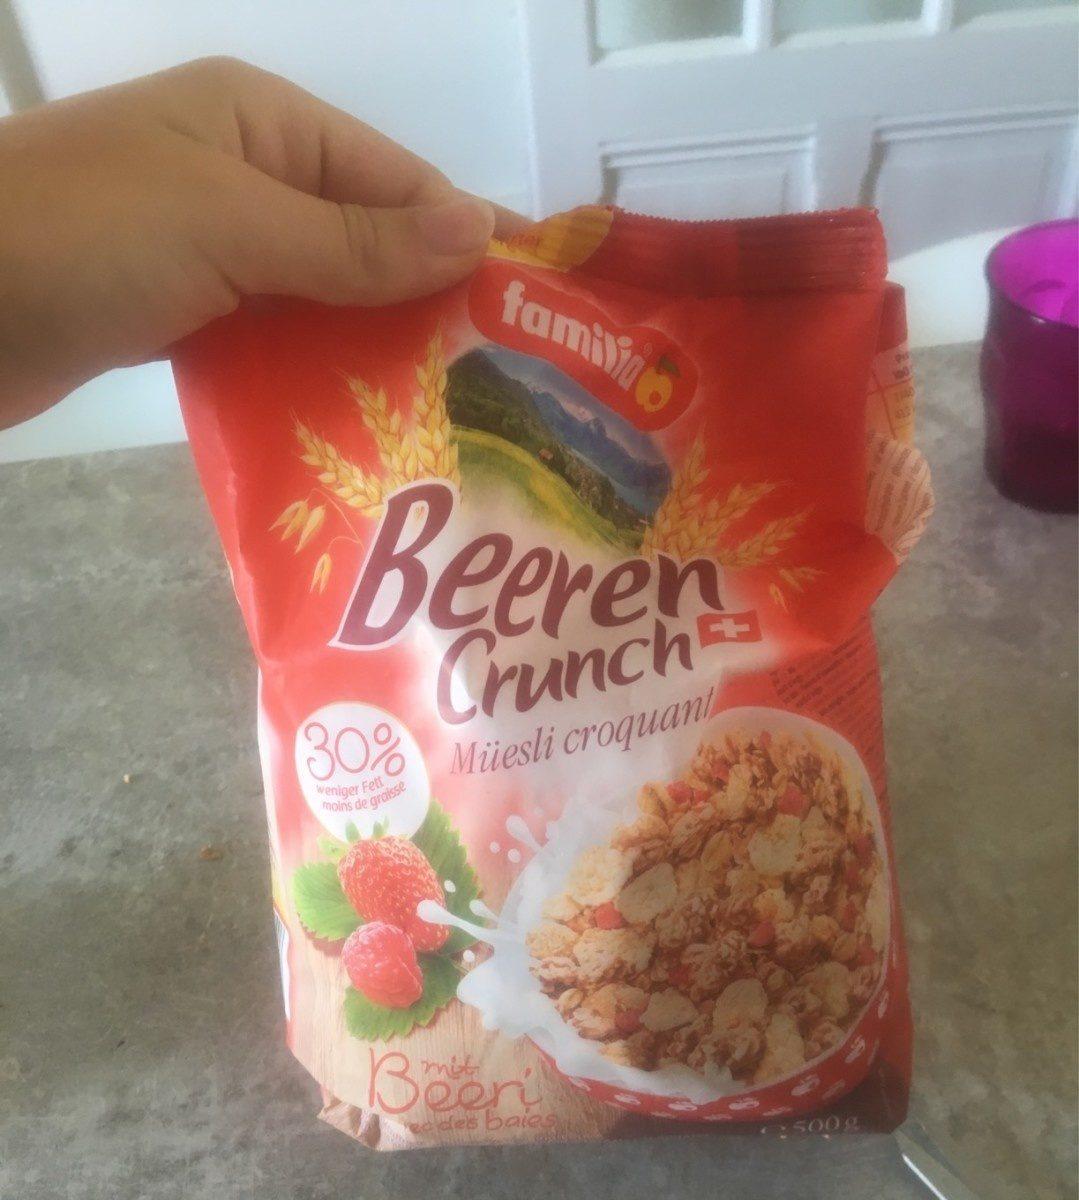 Beeren Crunch - Product - fr